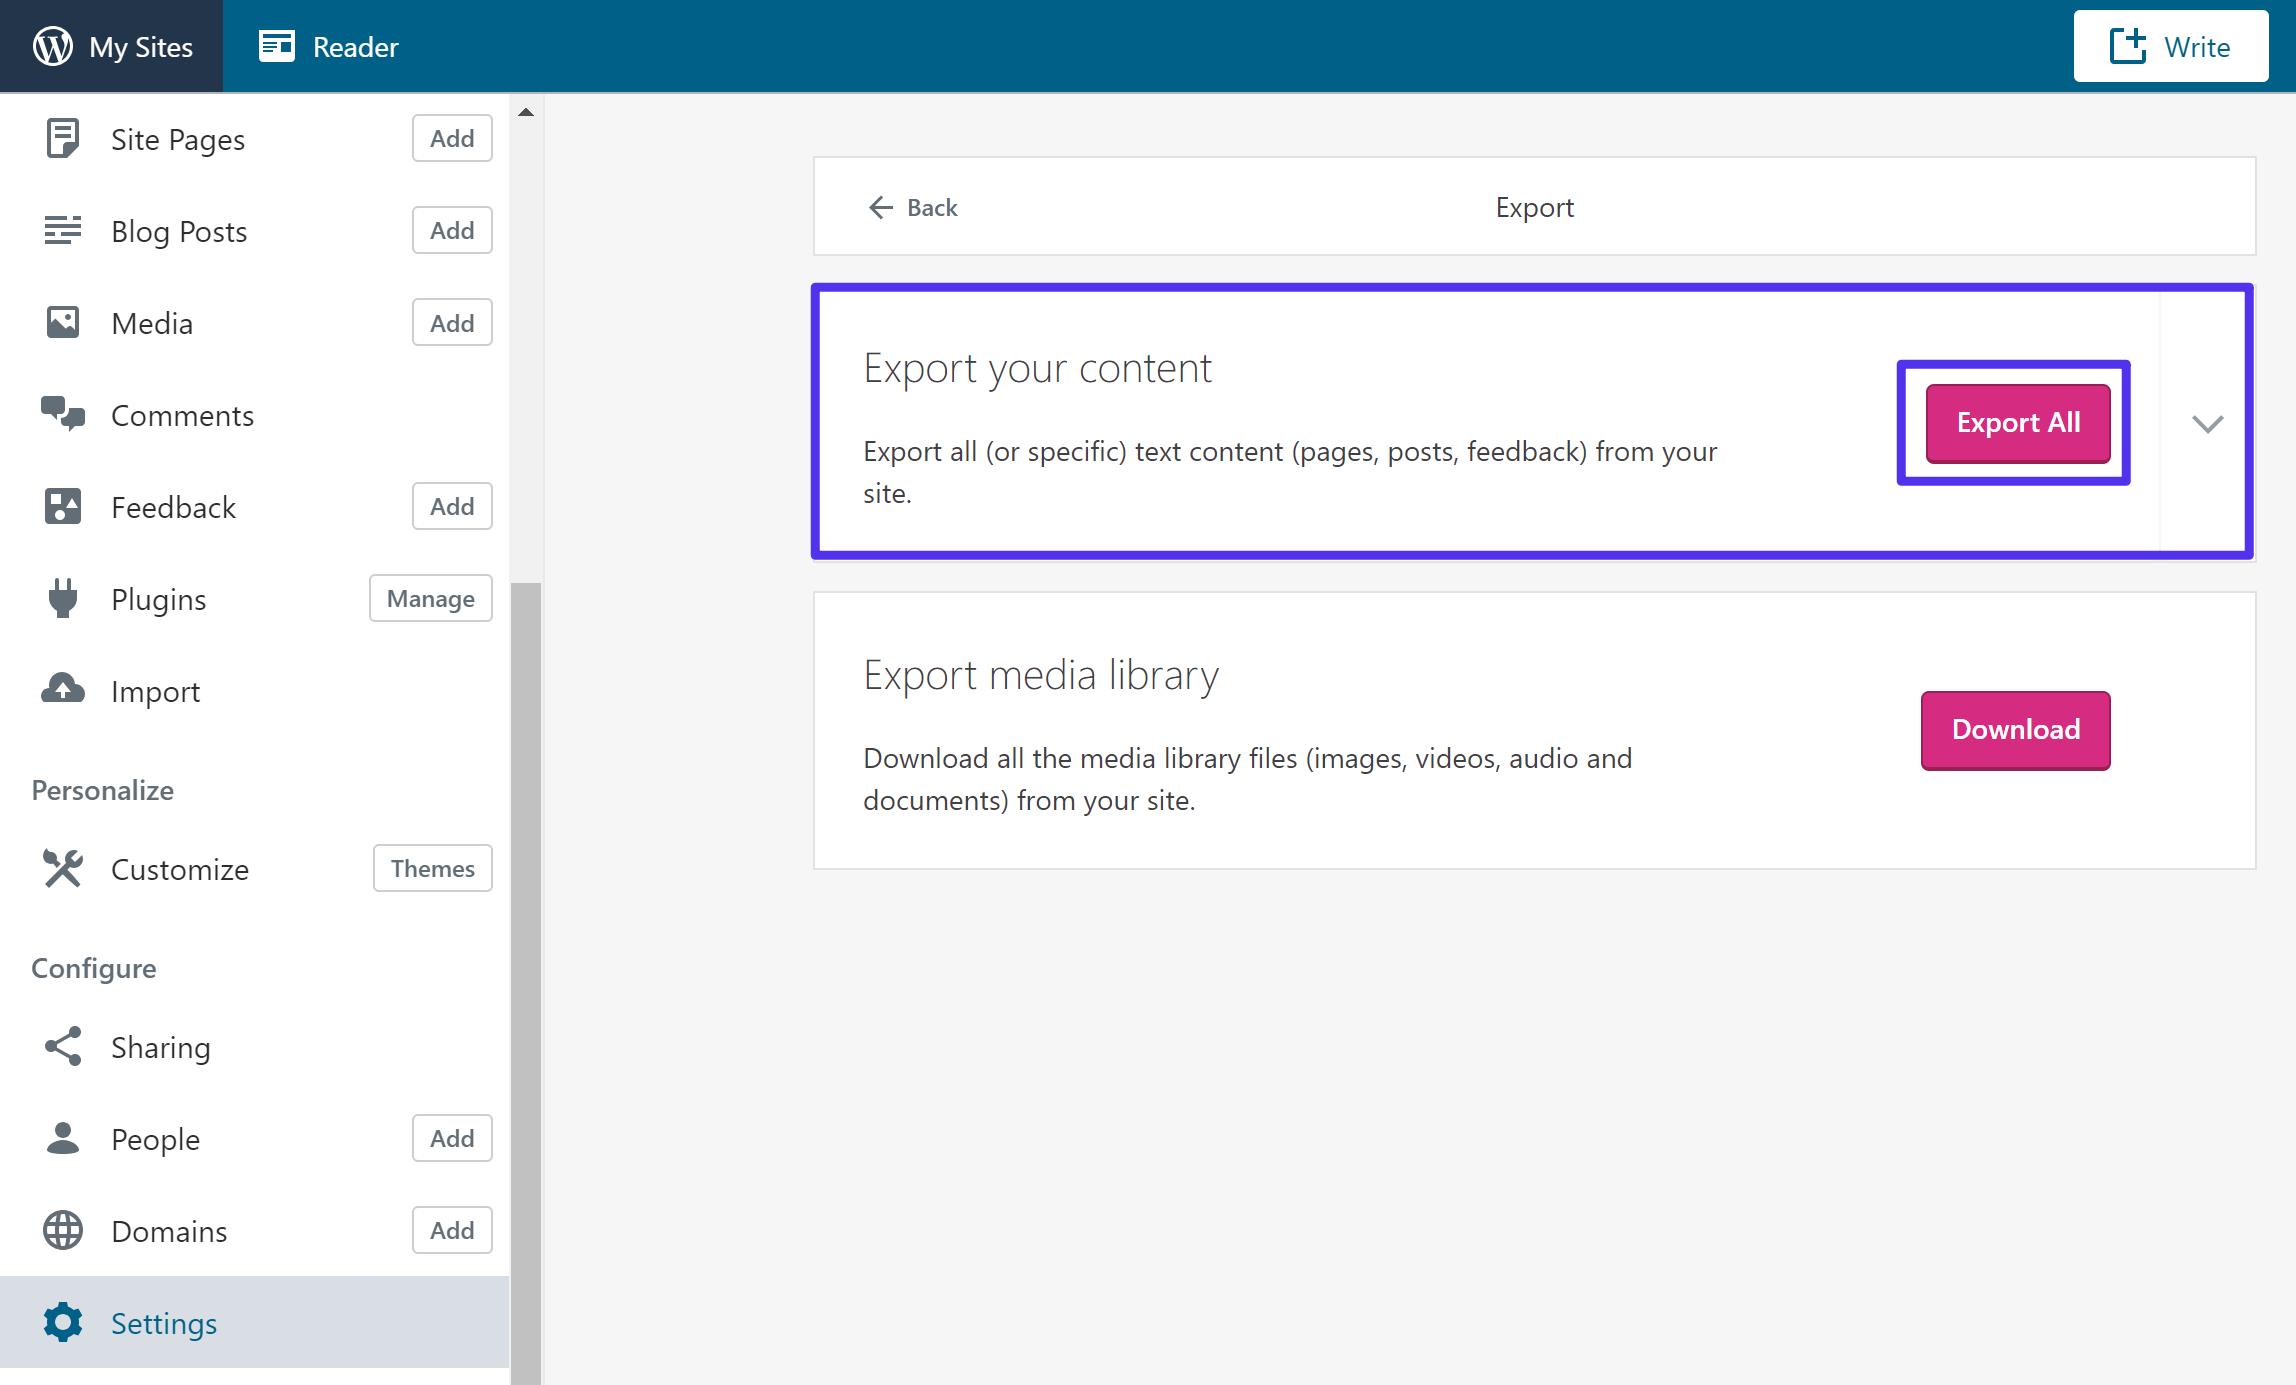 Exportera ditt innehåll från WordPress.com